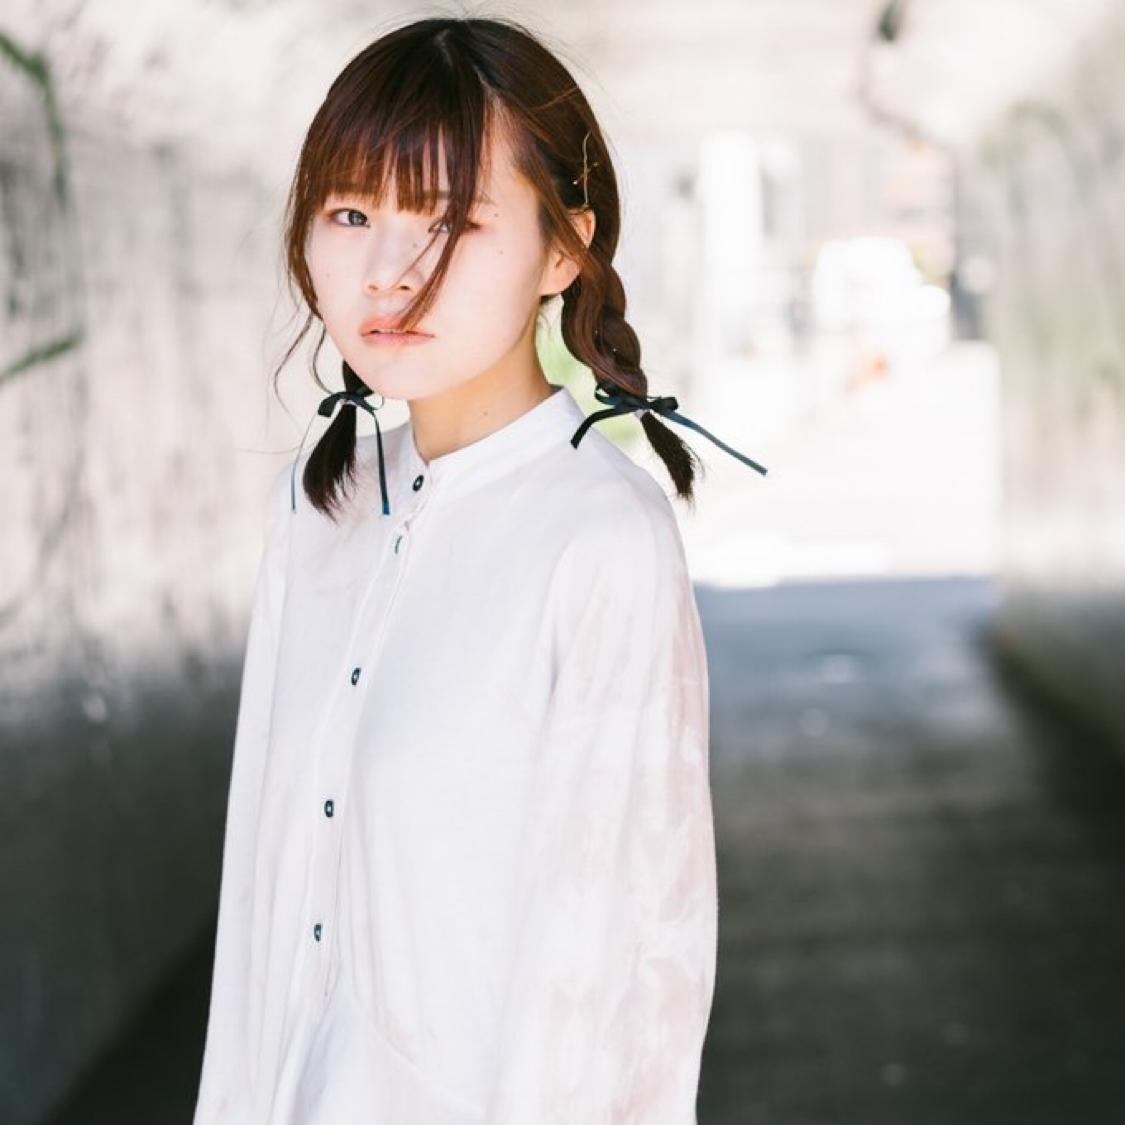 【櫻井里花】9/6(日) 第四回だるまさんのうた